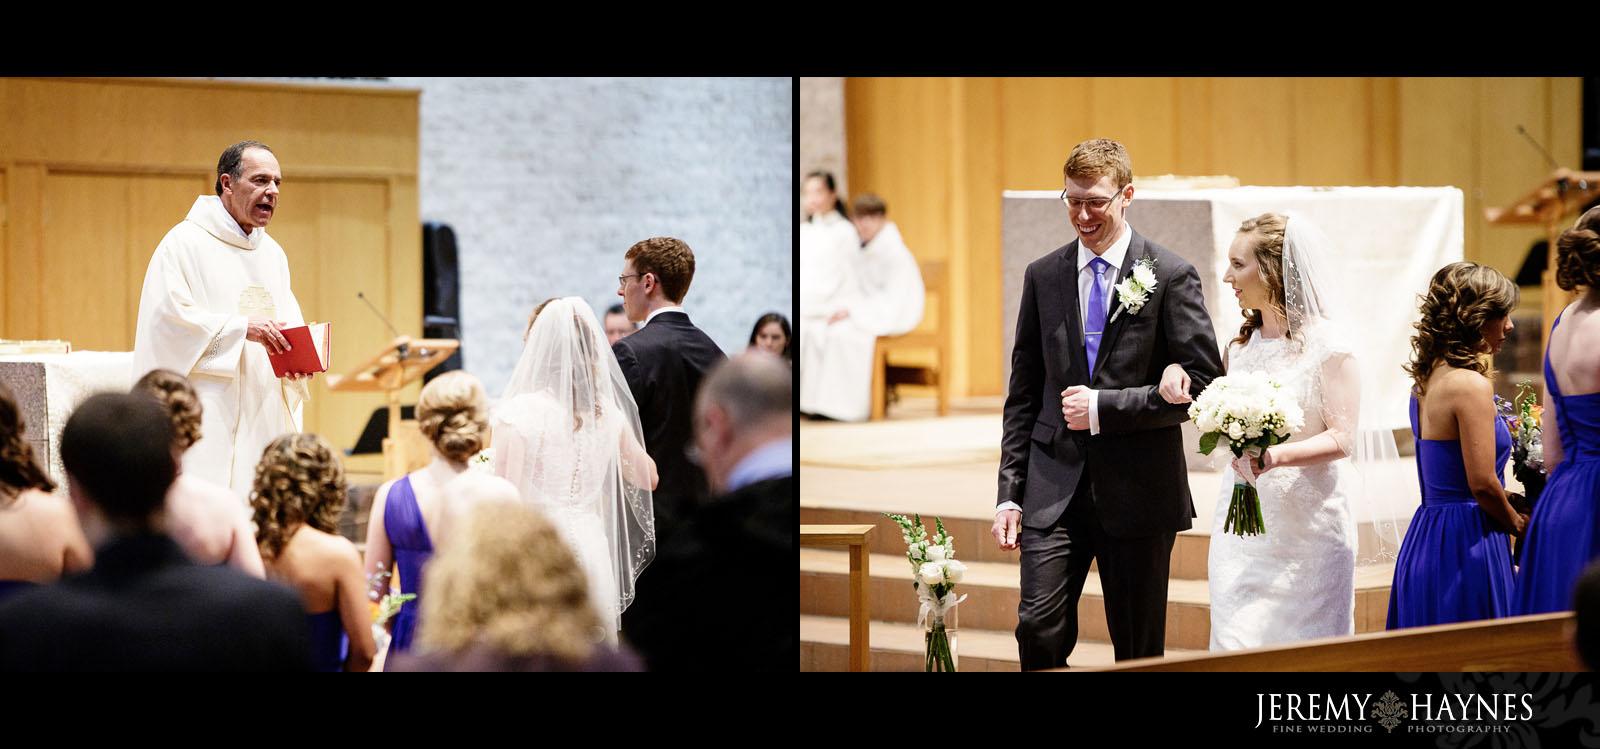 st-elizabeth-ann-seton-catholic-church-wedding-ceremony-jeremy-haynes-photography.jpg